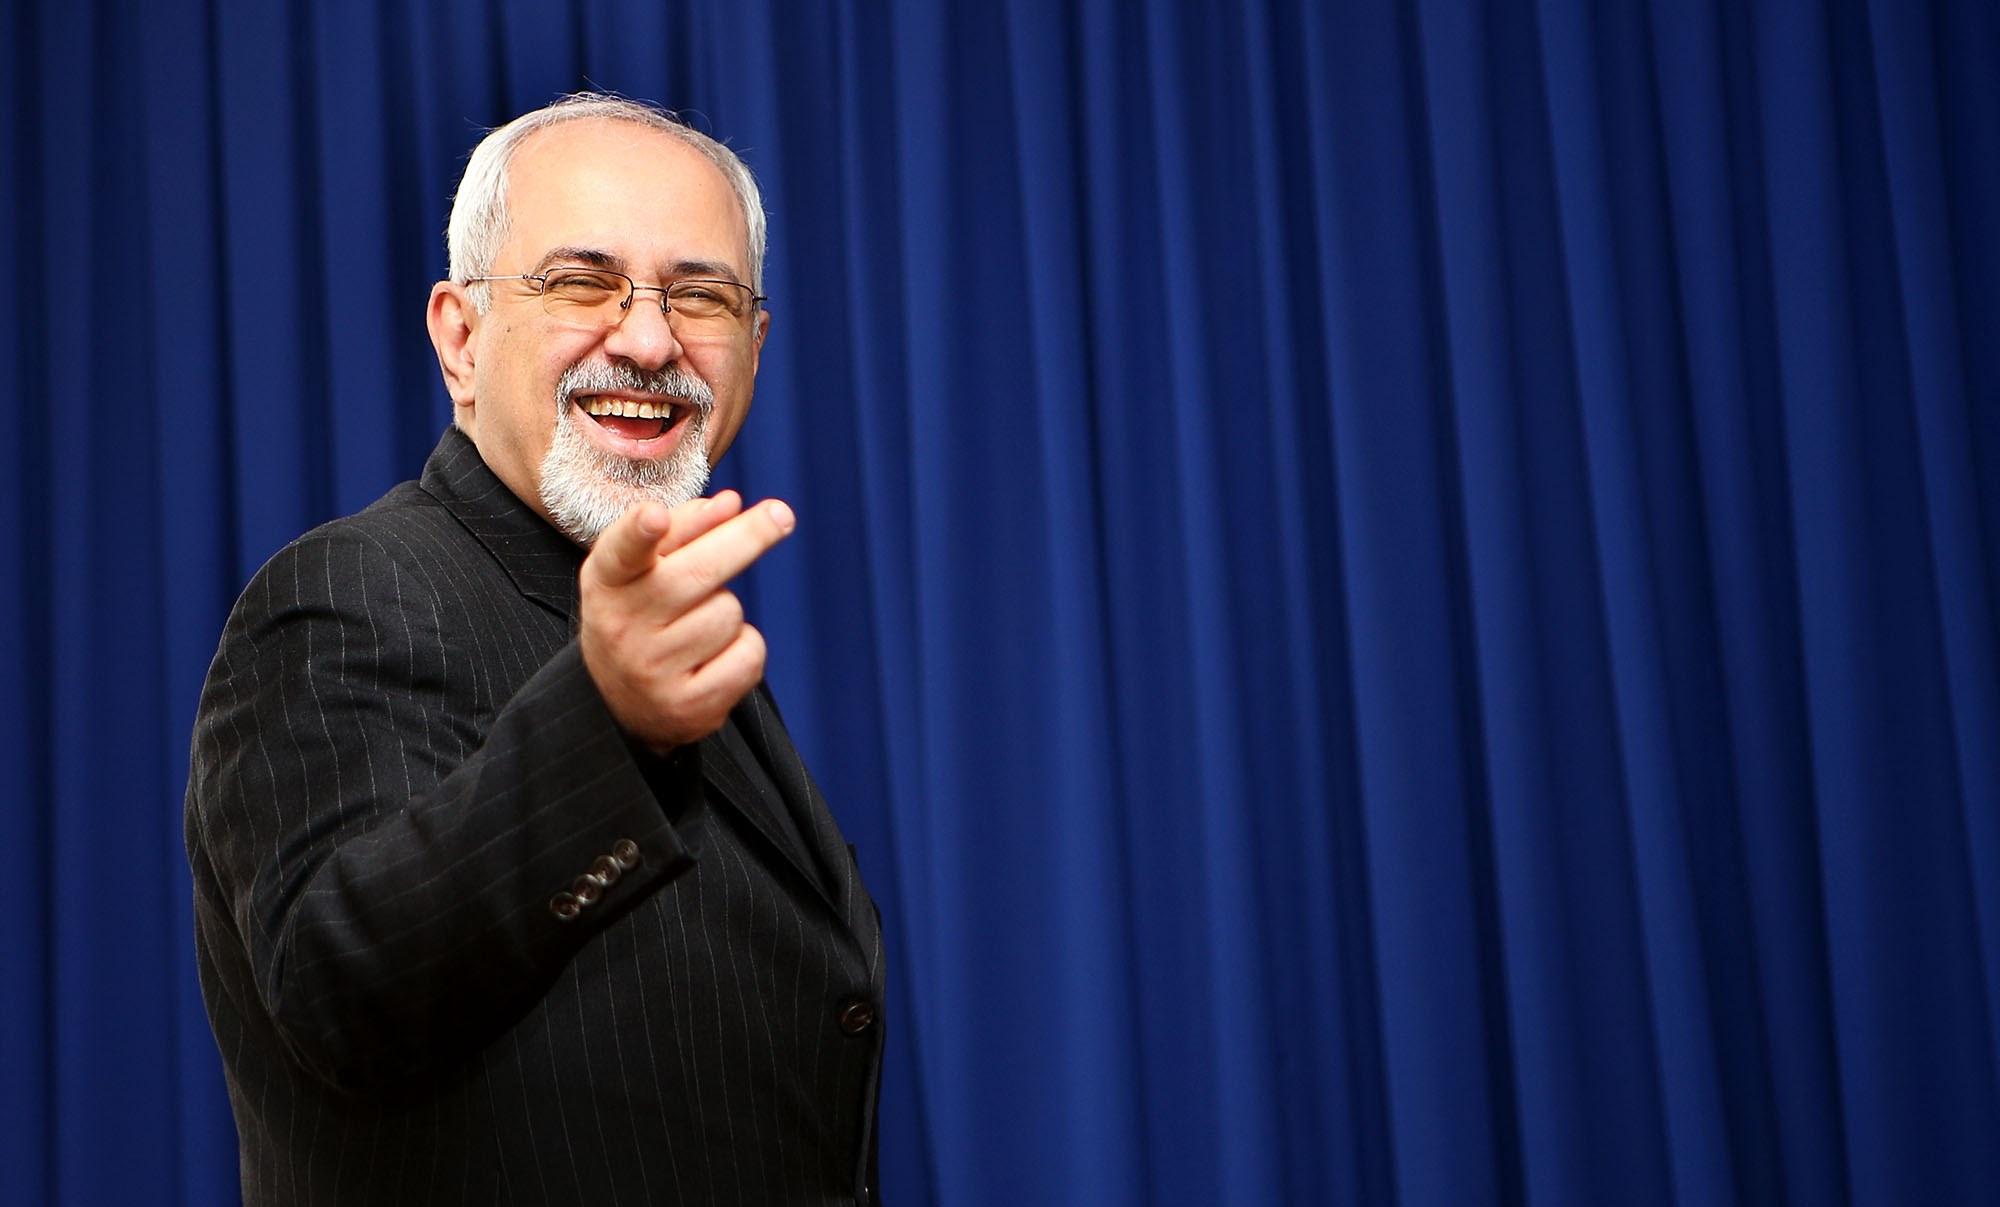 جعل عکس با هدف تخریب محمدجواد ظریف/اگر دین ندارید، آزاده هم نیستید، لااقل عکس ظریف را خوب فتوشاپ کنید!